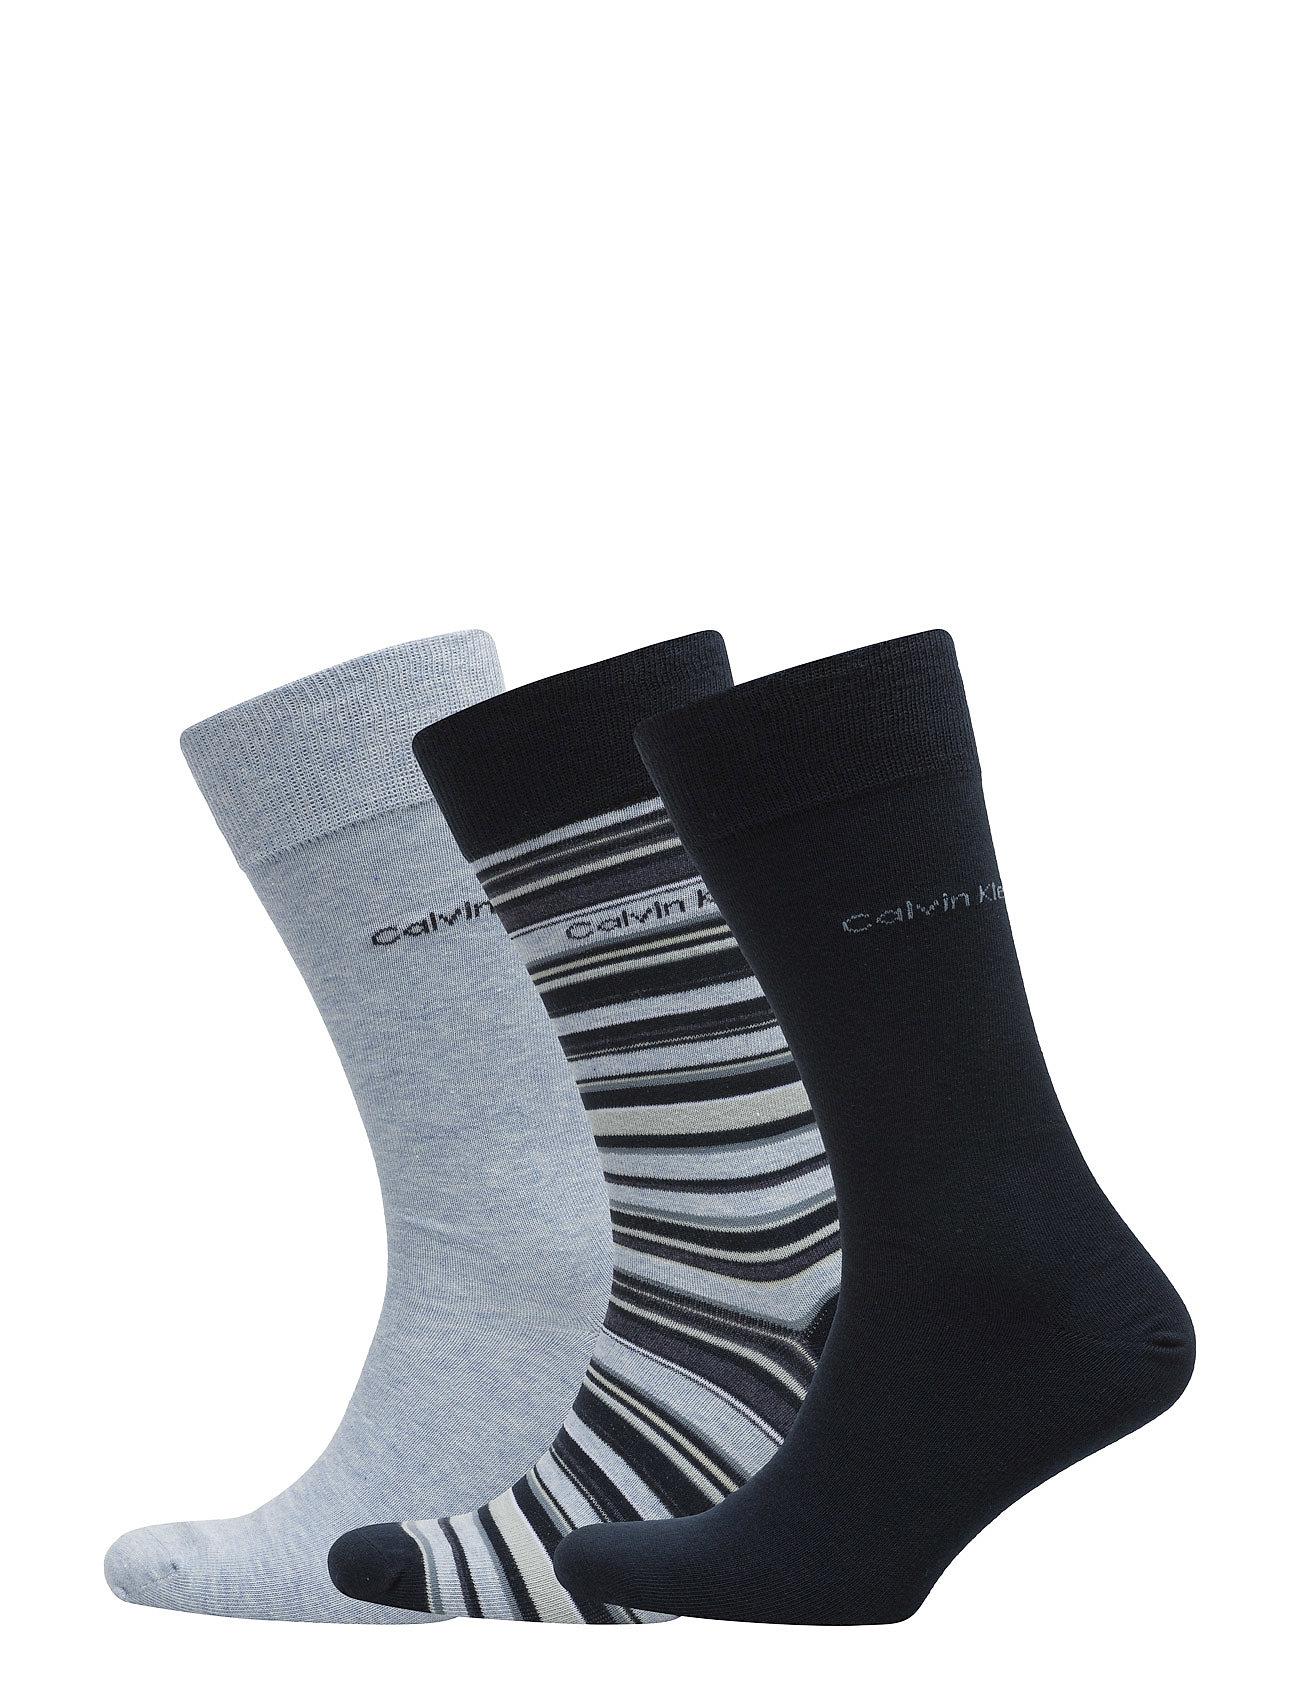 02ede764 Megafine Ck Dexter 3pk Multi Stripe Gift Box 97 Calvin Klein Sokker til i  flotte materialer